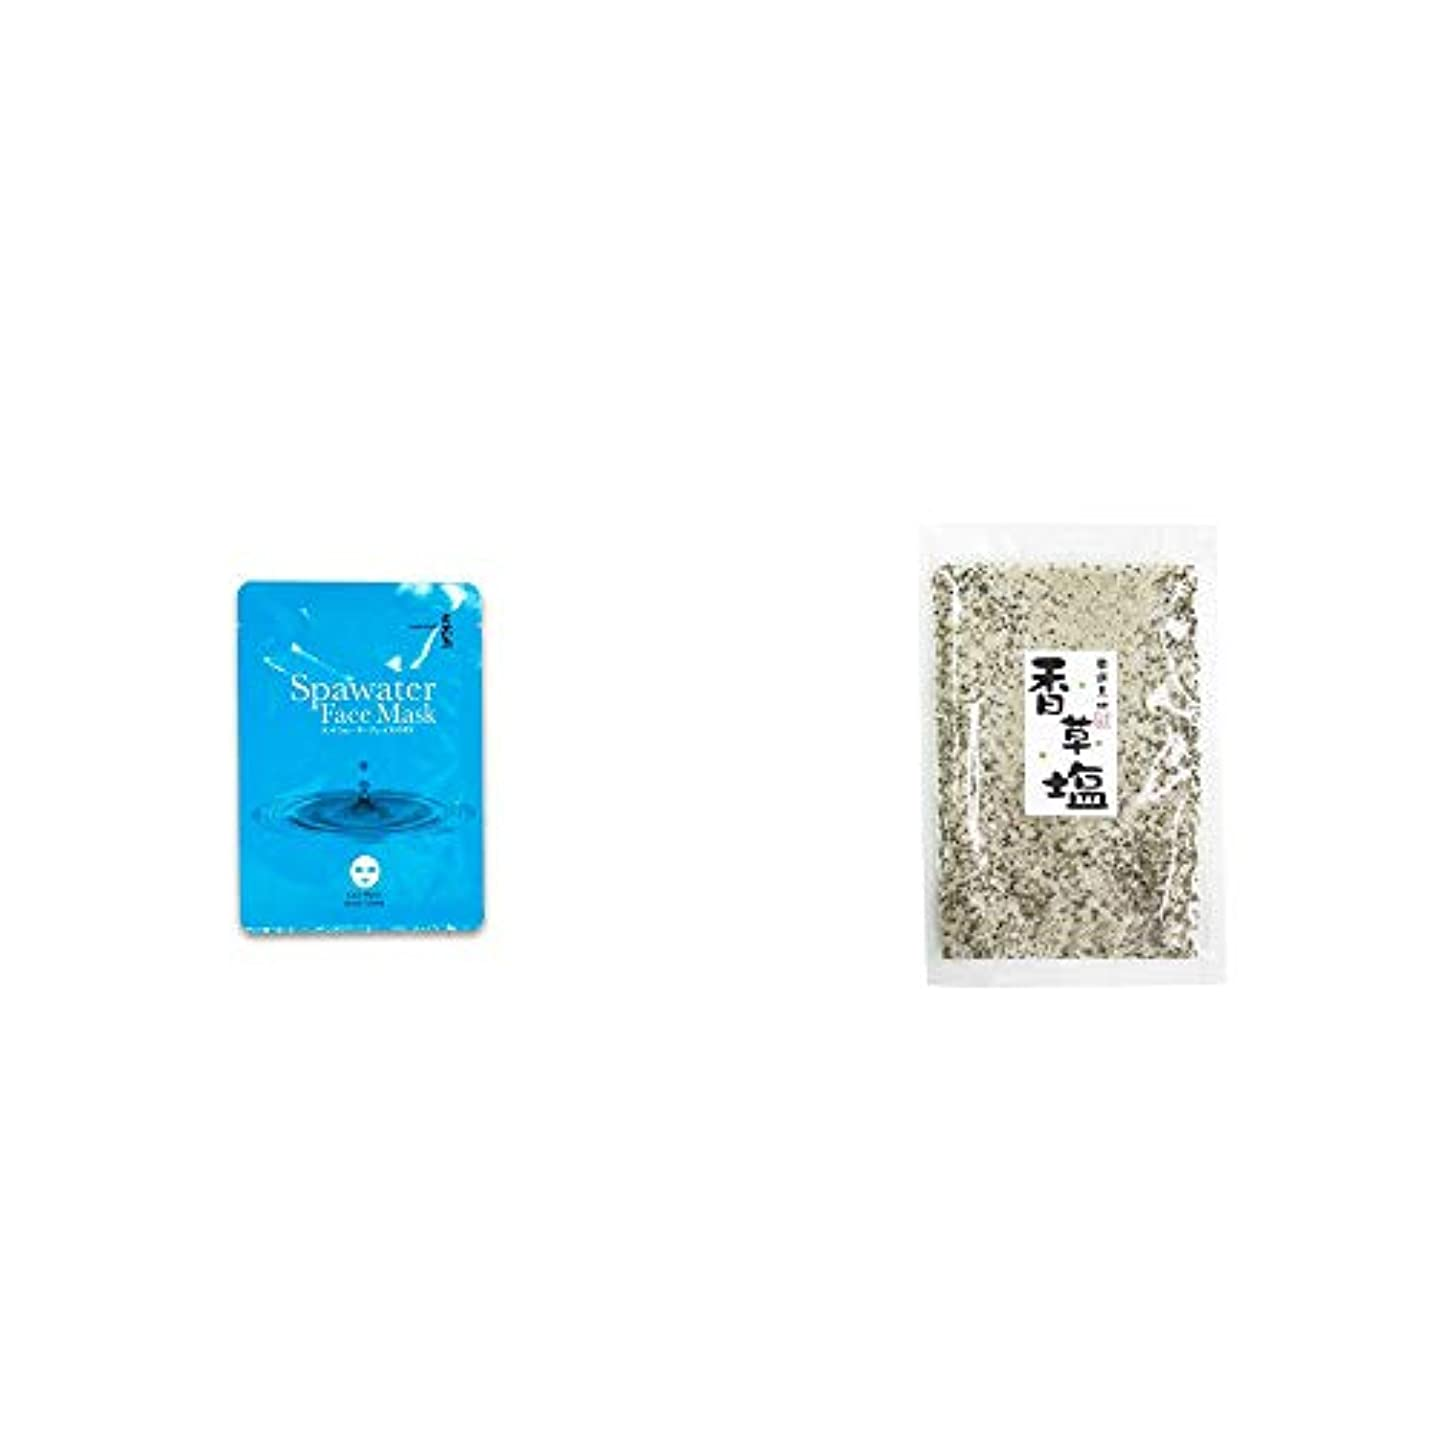 戸惑うデッド飲料[2点セット] ひのき炭黒泉 スパウォーターフェイスマスク(18ml×3枚入)?香草塩 [袋タイプ](100g)